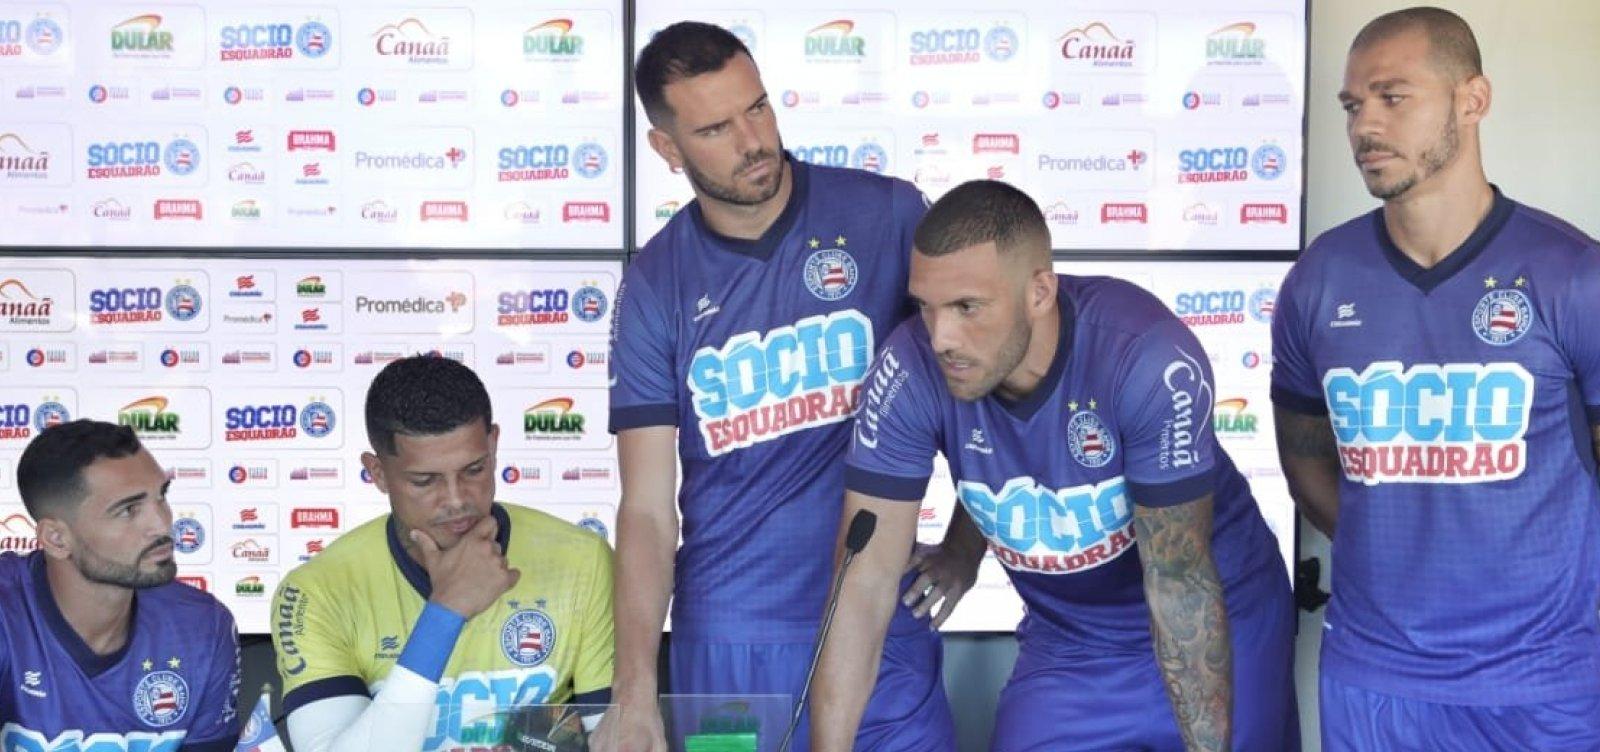 Jogadores do Bahia se pronunciam e negam racha no elenco